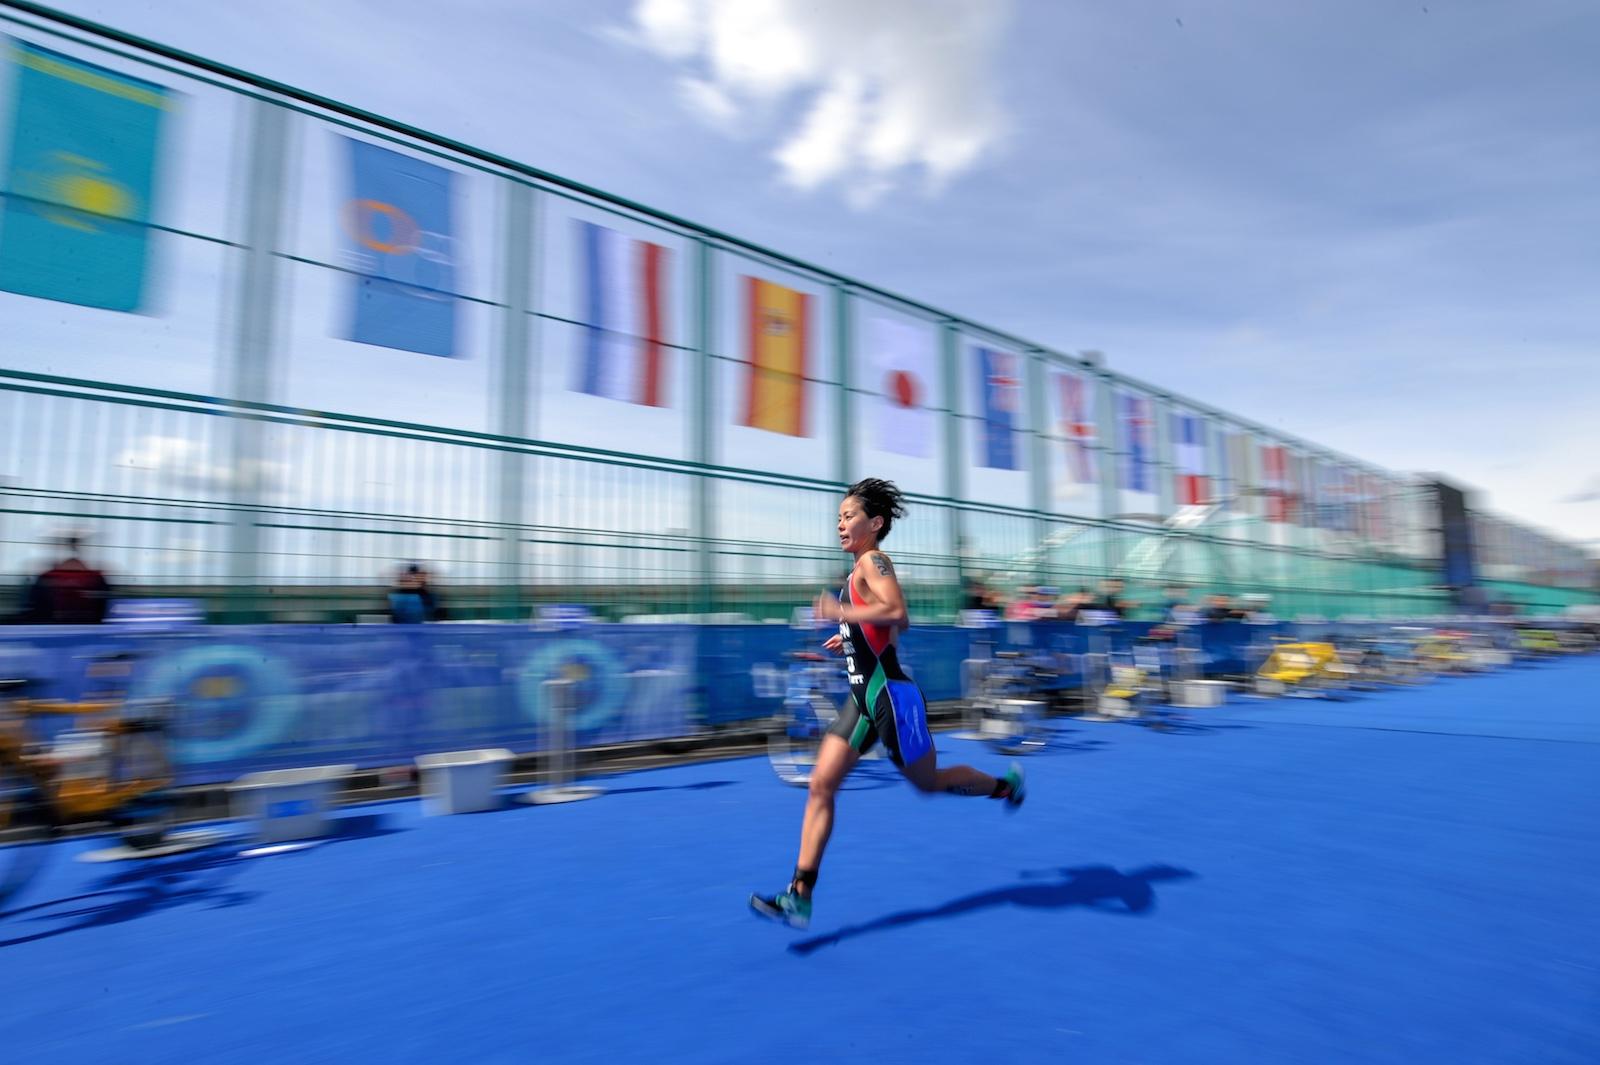 【ITUトライアスロンW杯】上田選手、W杯ヌルスルタン大会で独走優勝、怪我からの復活